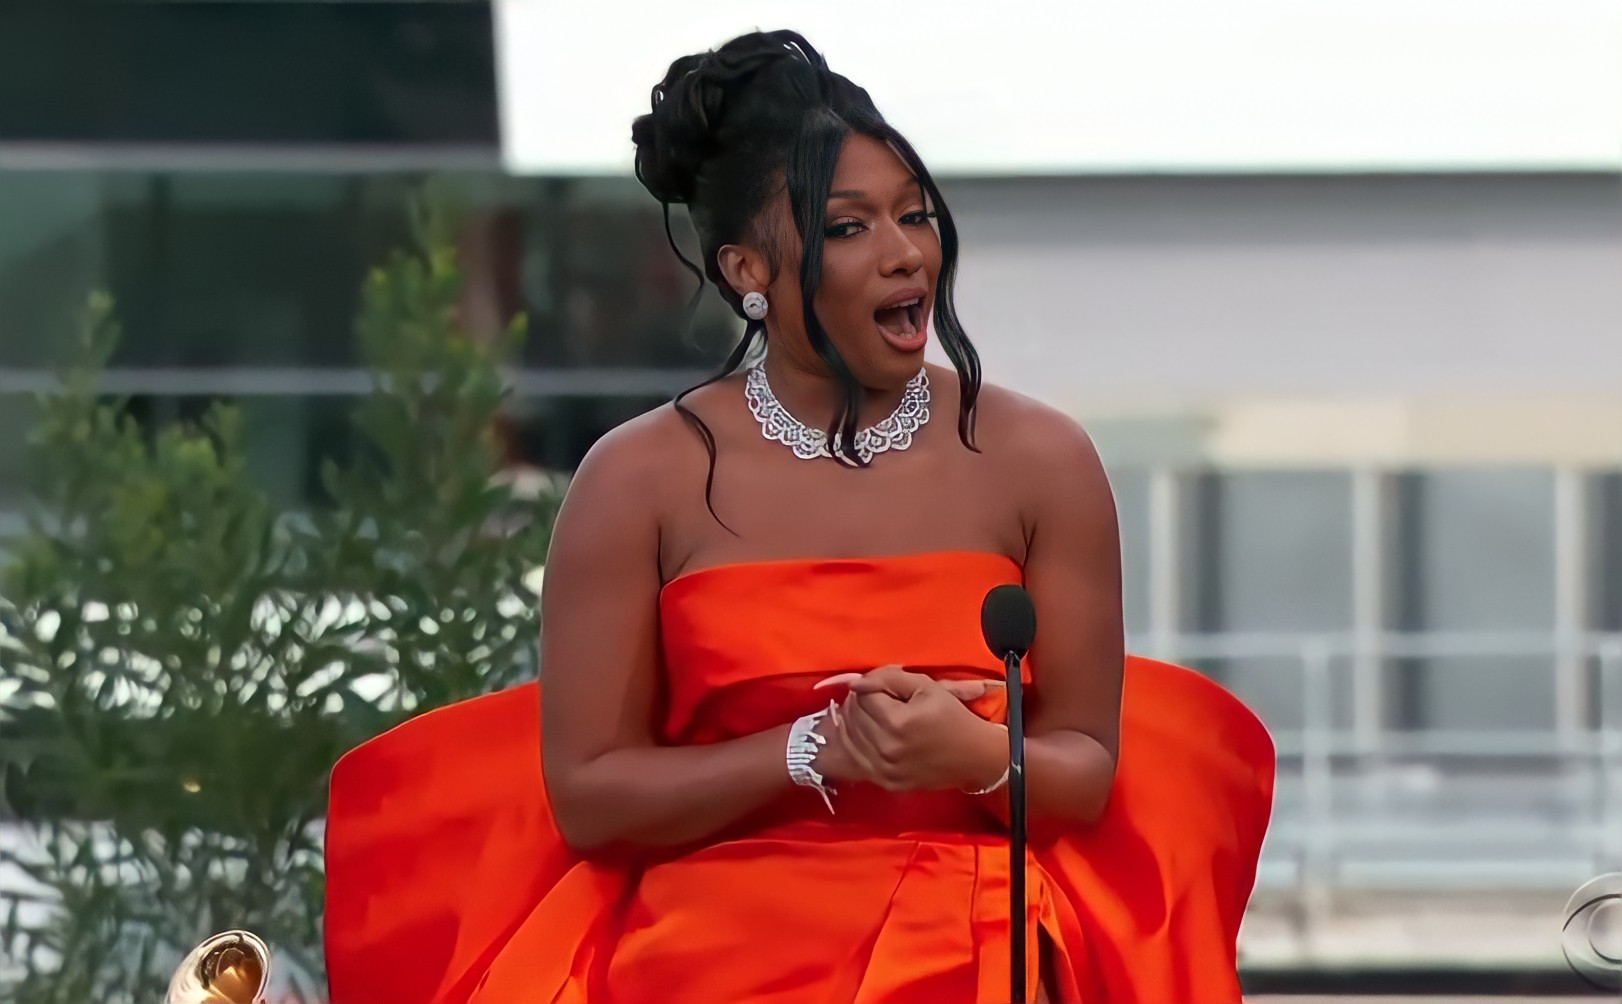 Foto da cantora Megan Thee Stallion. Ela está na parte central da imagem. Usa um vestido laranja. Colar, brinco e pulseira pratas. Ela está com as mãos juntas e na sua frente há um microfone. Ao lado direito vemos parte de uma casa. Ao lado esquerdo vemos folhas verdes de uma árvore e um Grammy.